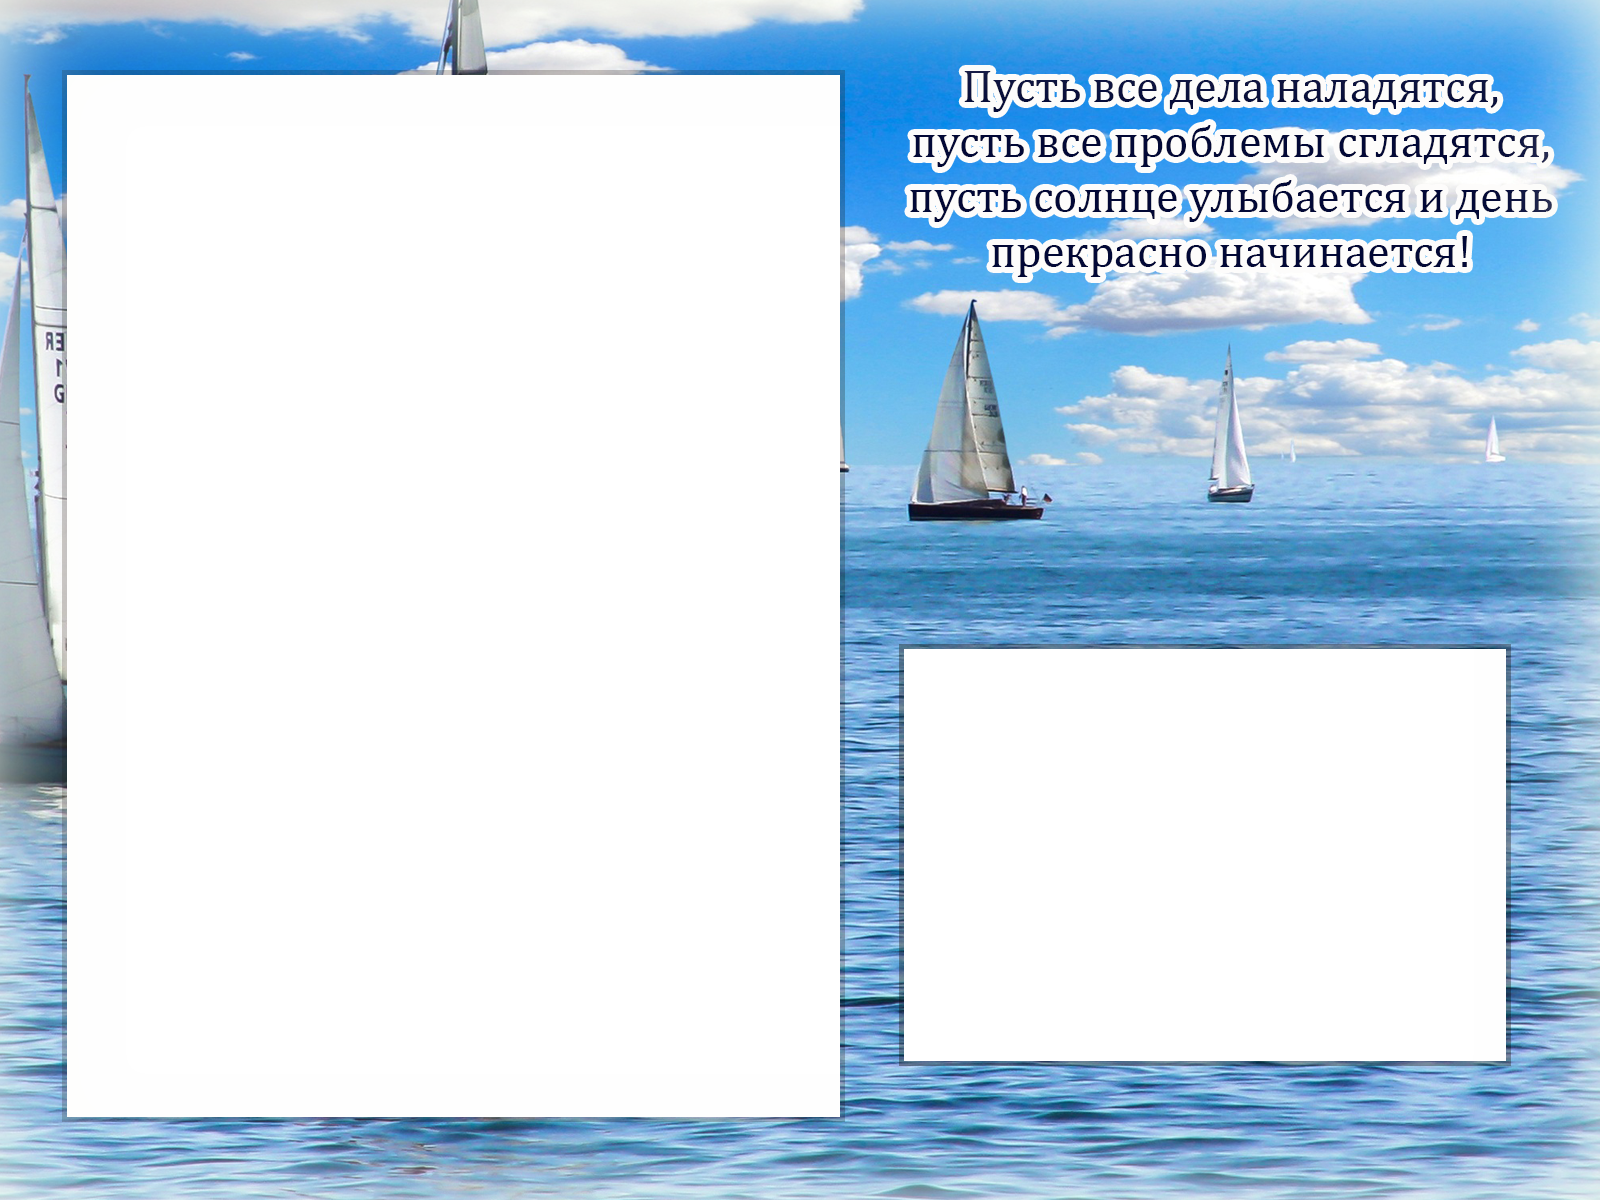 Фоторамка Двойная рамка - на море Фоторамка для фотошопа, PNG шаблон. Пусть все дела наладятся Пусть все проблемы сгладятся Пусть солнце улыбается И день прекрасно начинается!